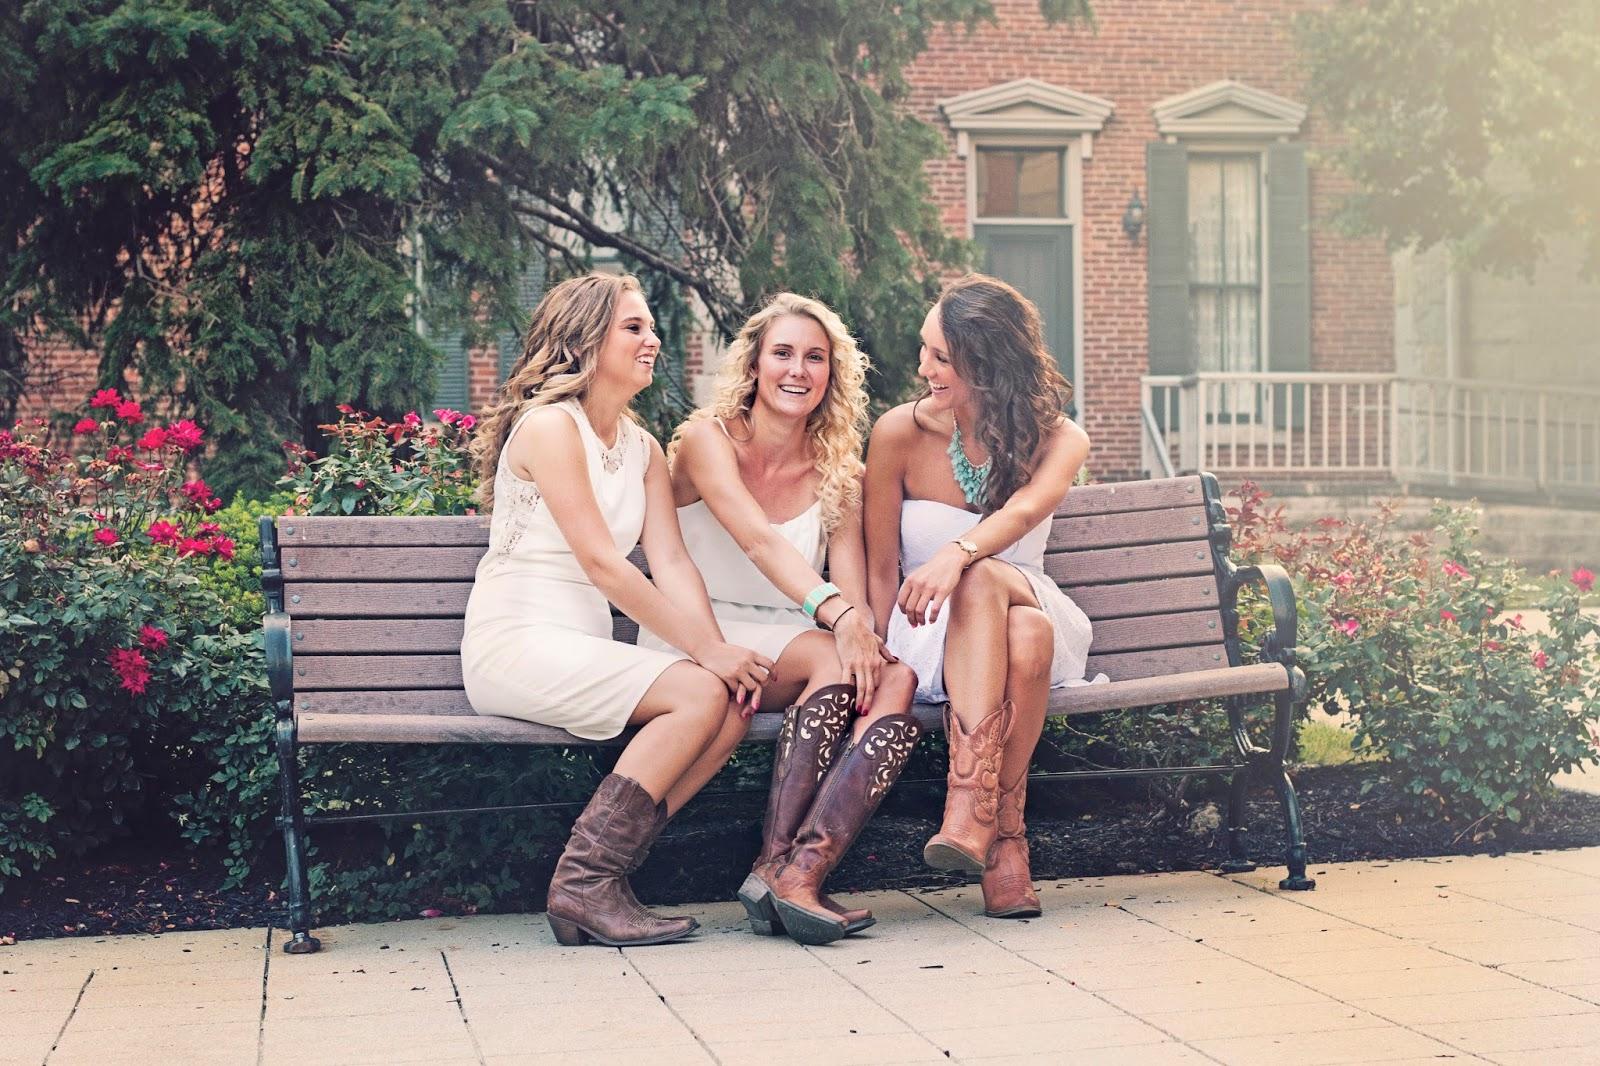 Пришла подруга сестры, Приехала сексуальная подружка моей сестры 2 фотография